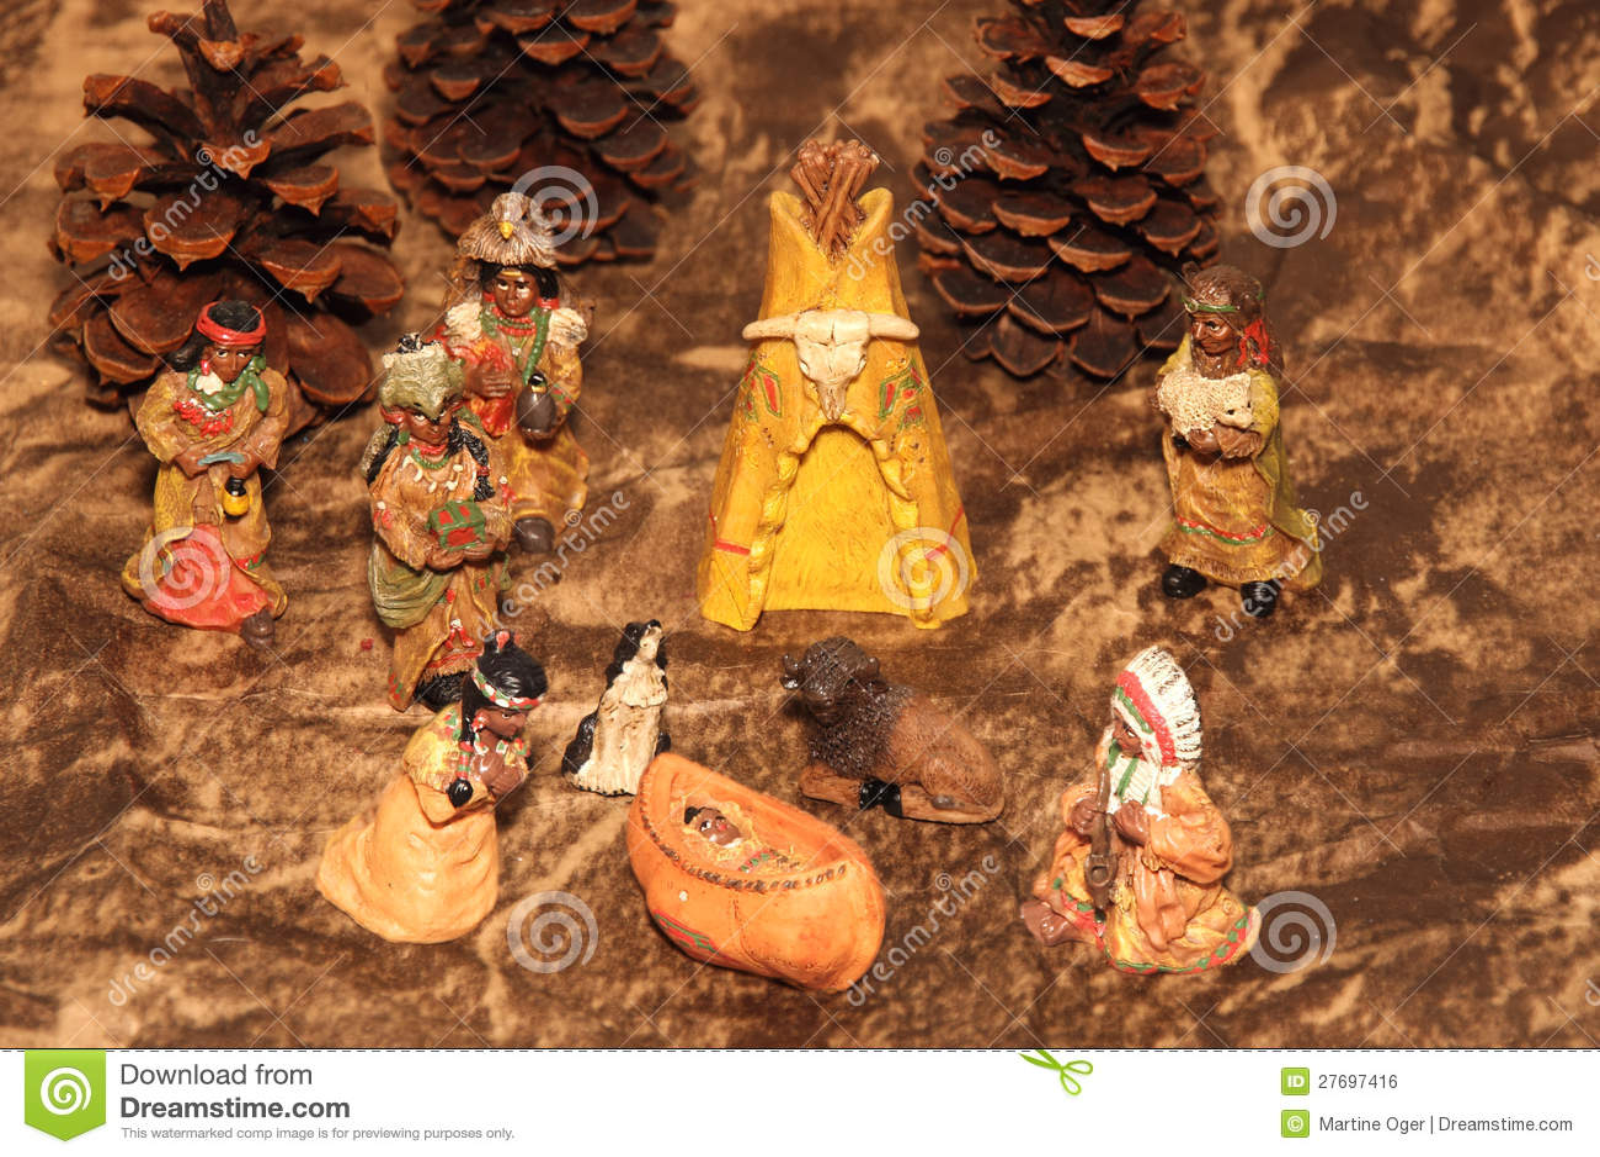 Plats av Nativity vid aboriginal.